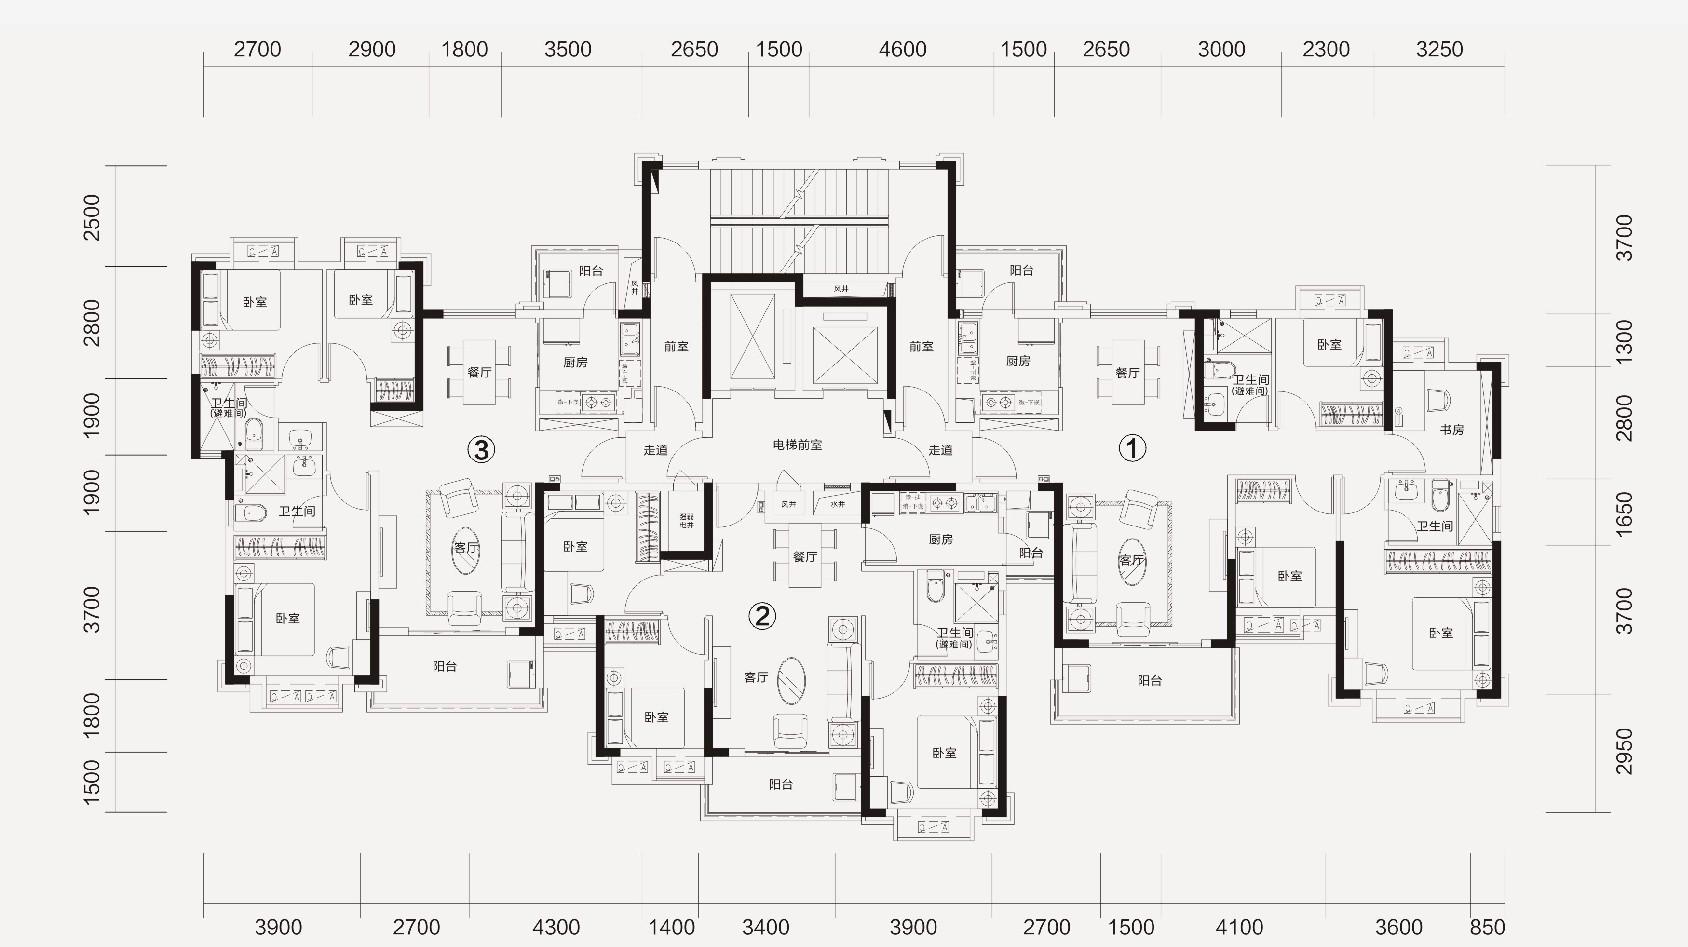 恒大林溪郡恒大林溪郡10#/11#楼层面图-4室2厅户型图